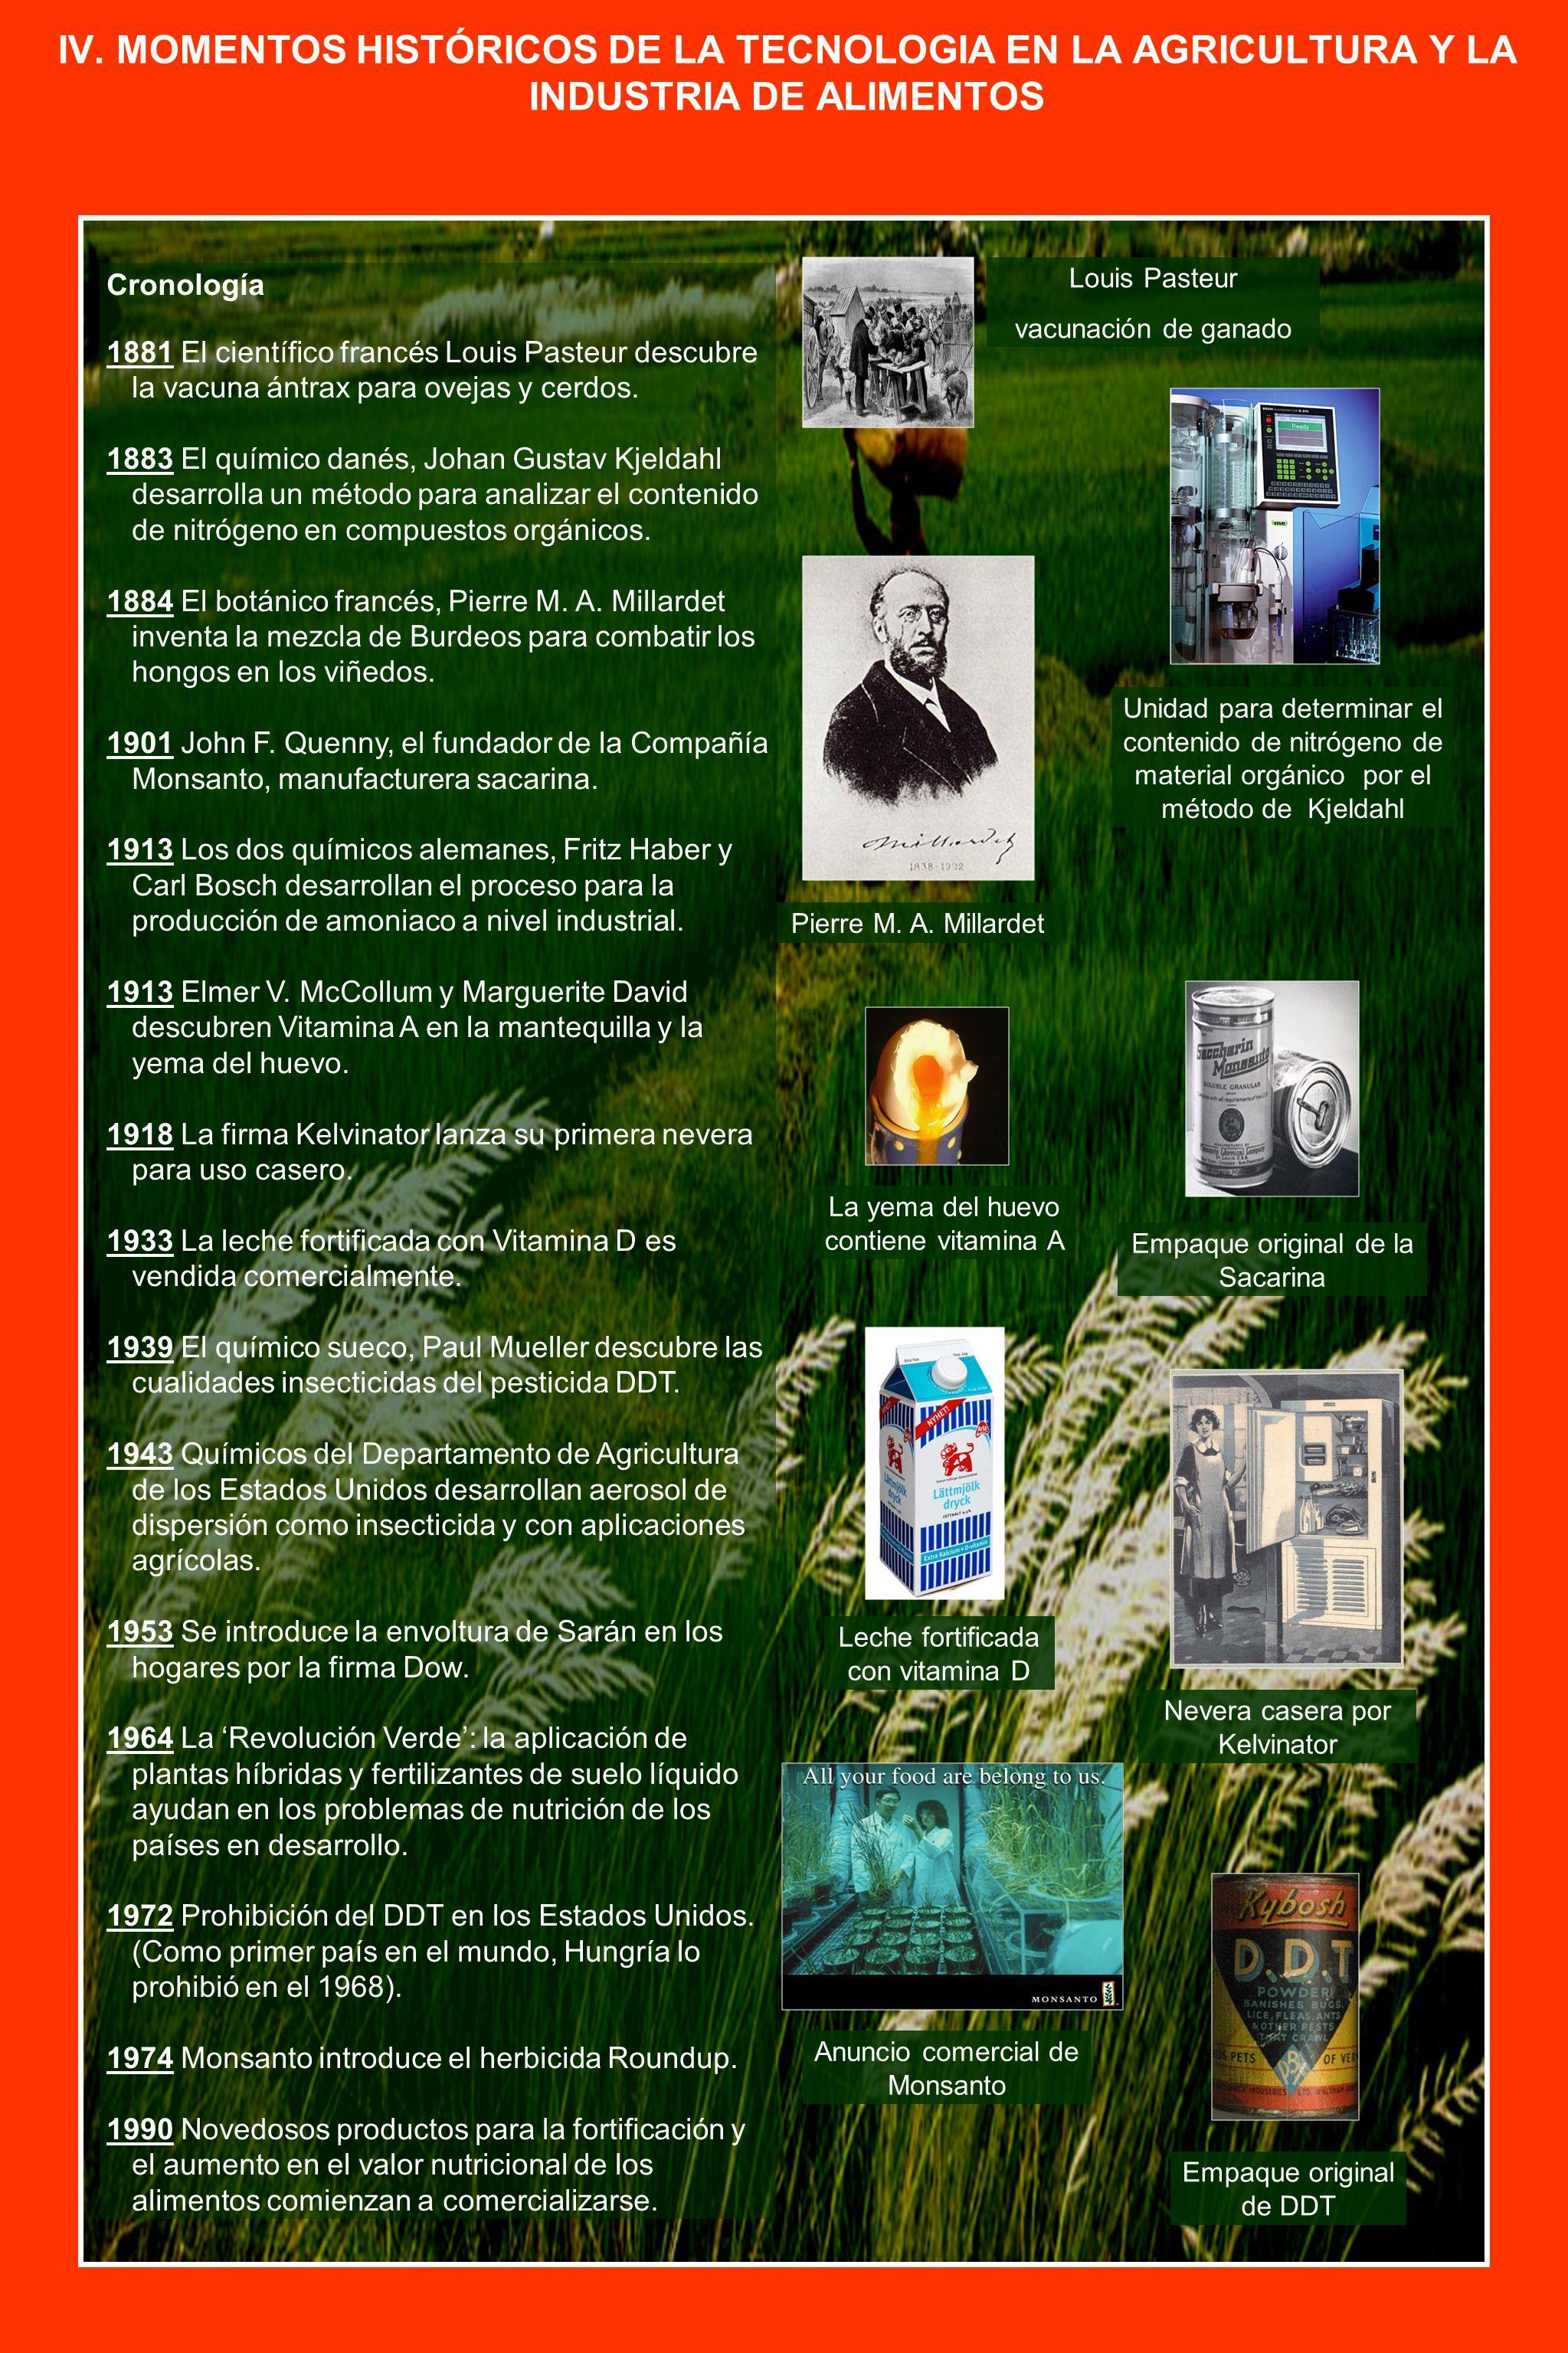 IV. MOMENTOS HISTÓRICOS DE LA TECNOLOGIA EN LA AGRICULTURA Y LA INDUSTRIA DE ALIMENTOS Cronología 1881 El científico francés Louis Pasteur descubre la